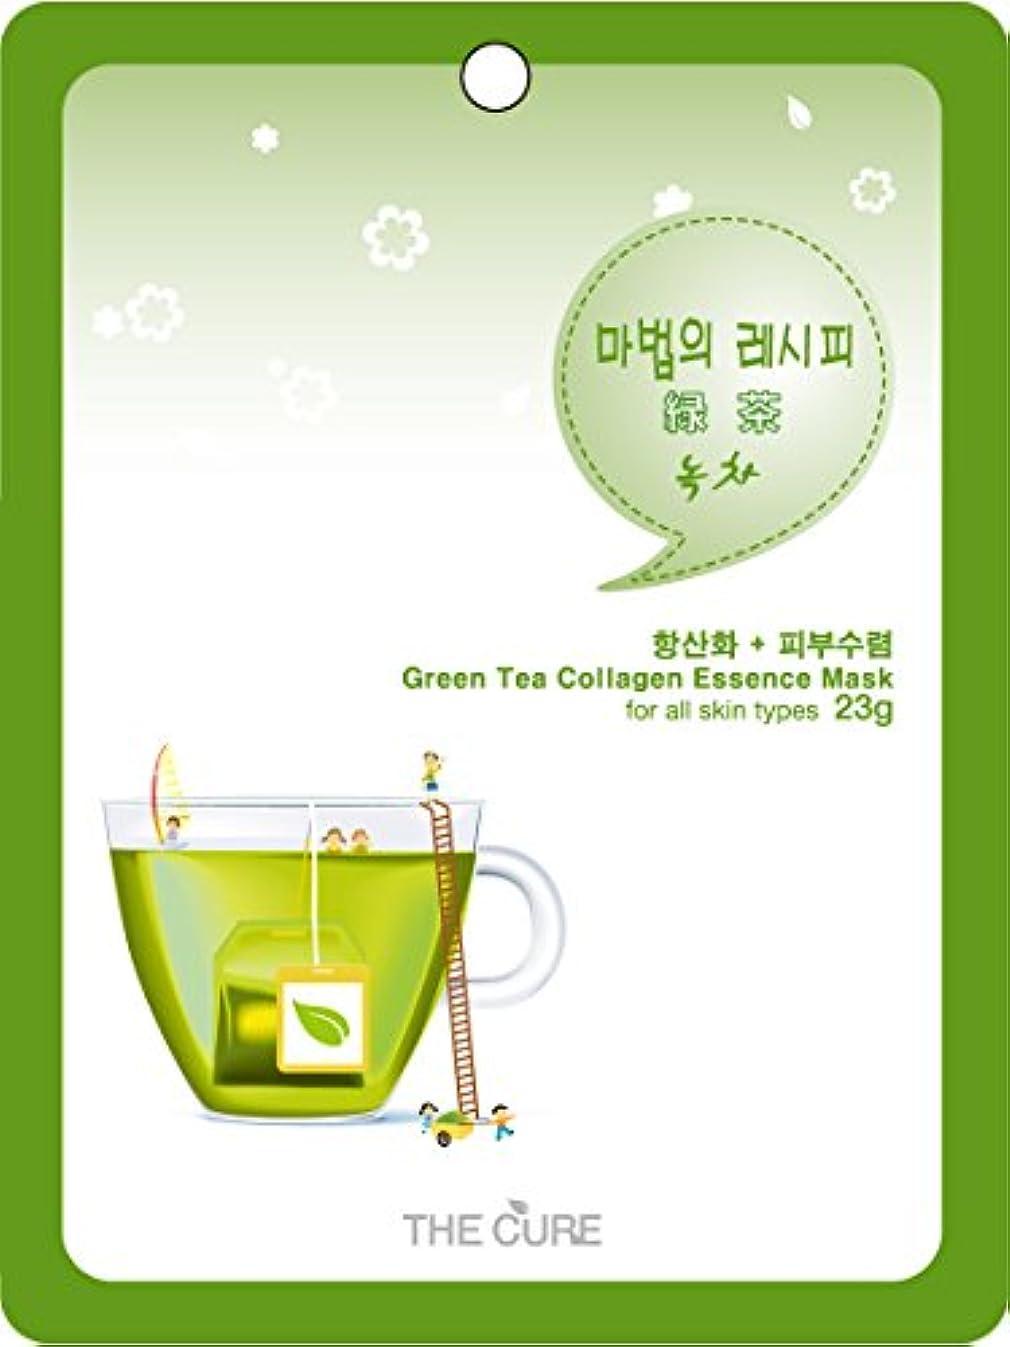 醜いチーター手段緑茶 コラーゲン エッセンス マスク THE CURE シート パック 100枚セット 韓国 コスメ 乾燥肌 オイリー肌 混合肌